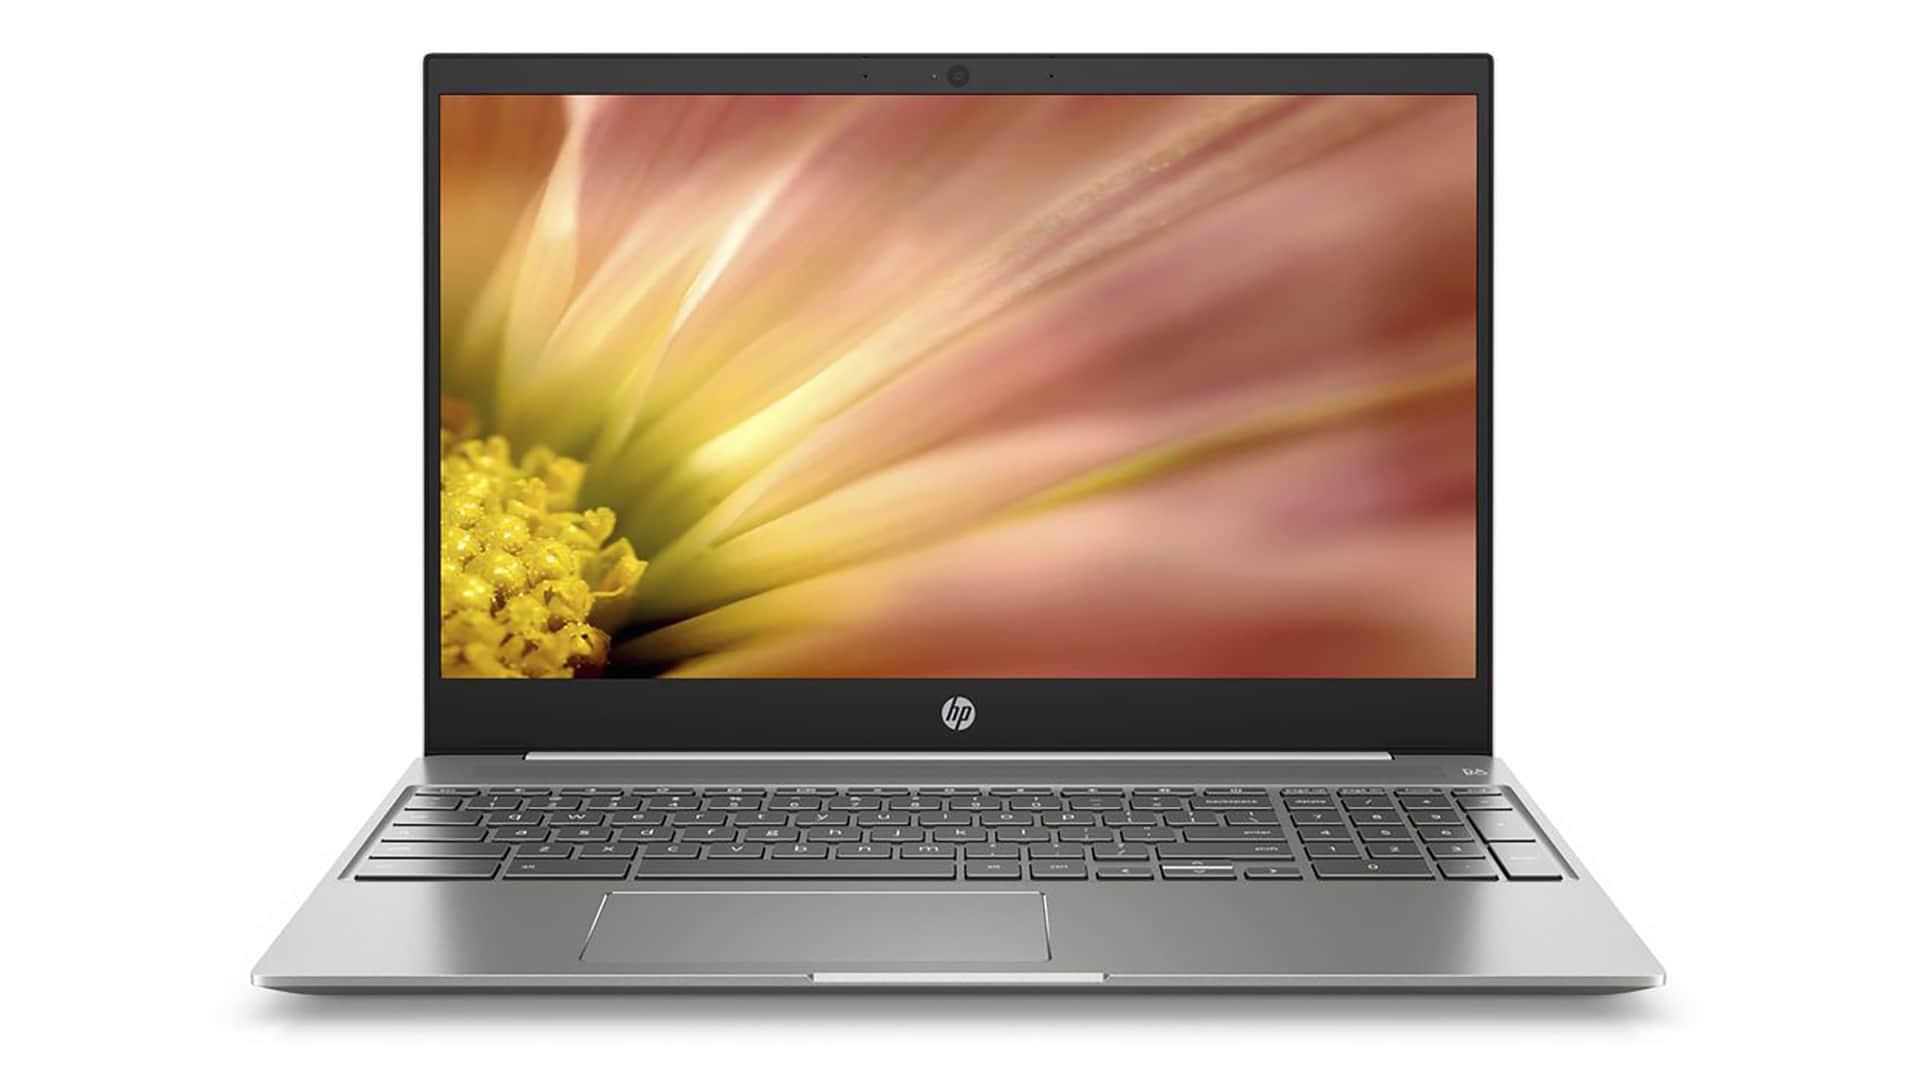 HP анонсировали первый 15-дюймовый Chromebook с подсветкой клавиш и цифровой клавиатурой